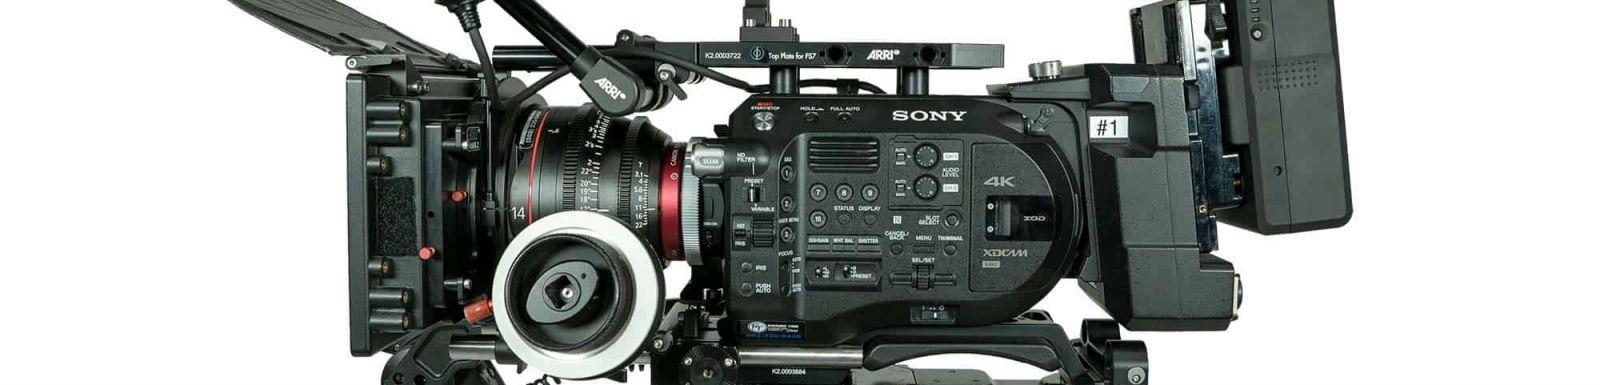 Oferujemy na wynajem kamery filmowe wraz z akcesoriami i okablowaniem. Chętnie pomożemy w doborze odpowiedniego sprzętu.